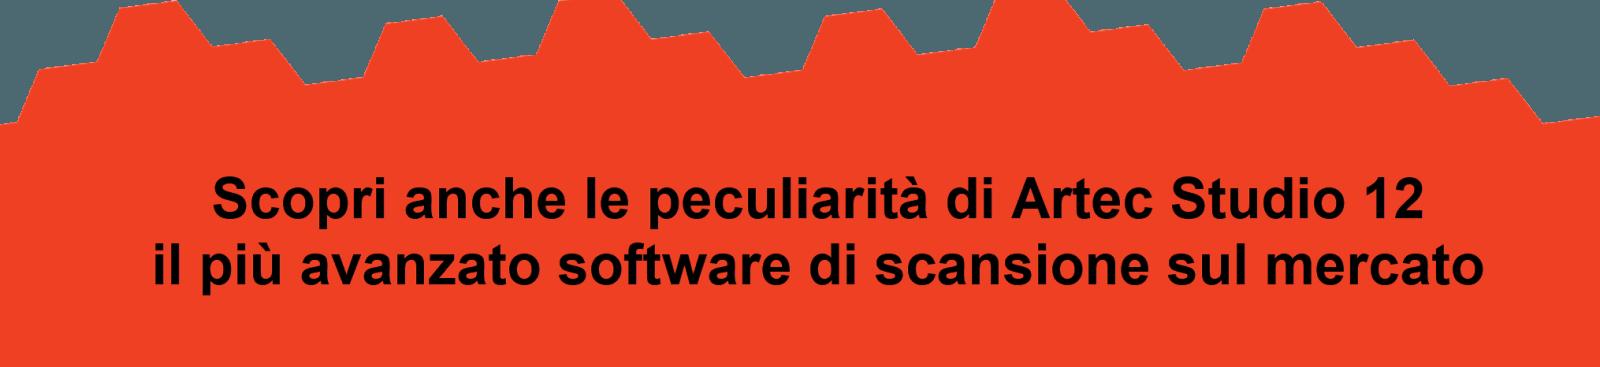 Scanner portatili professionali Artec 3D